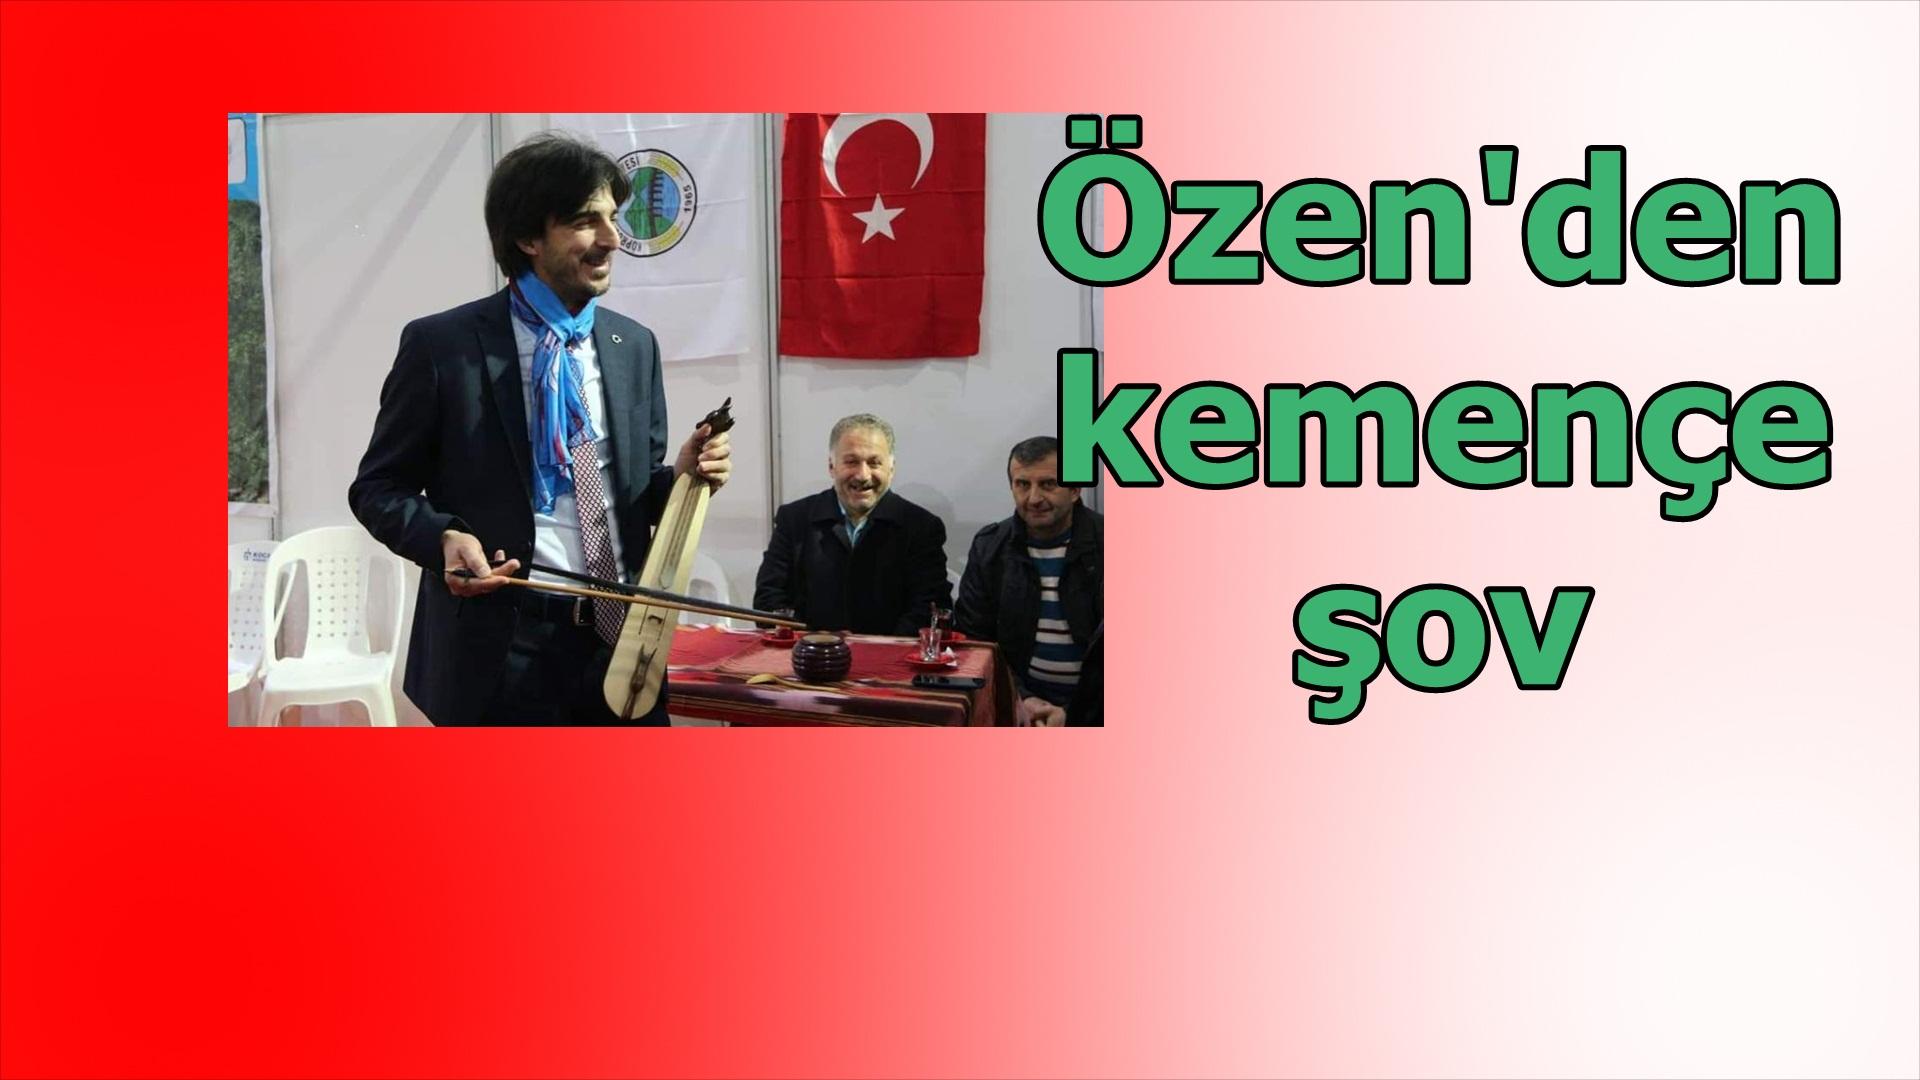 Ahmet Özen, gülmekten kırdı geçirdi